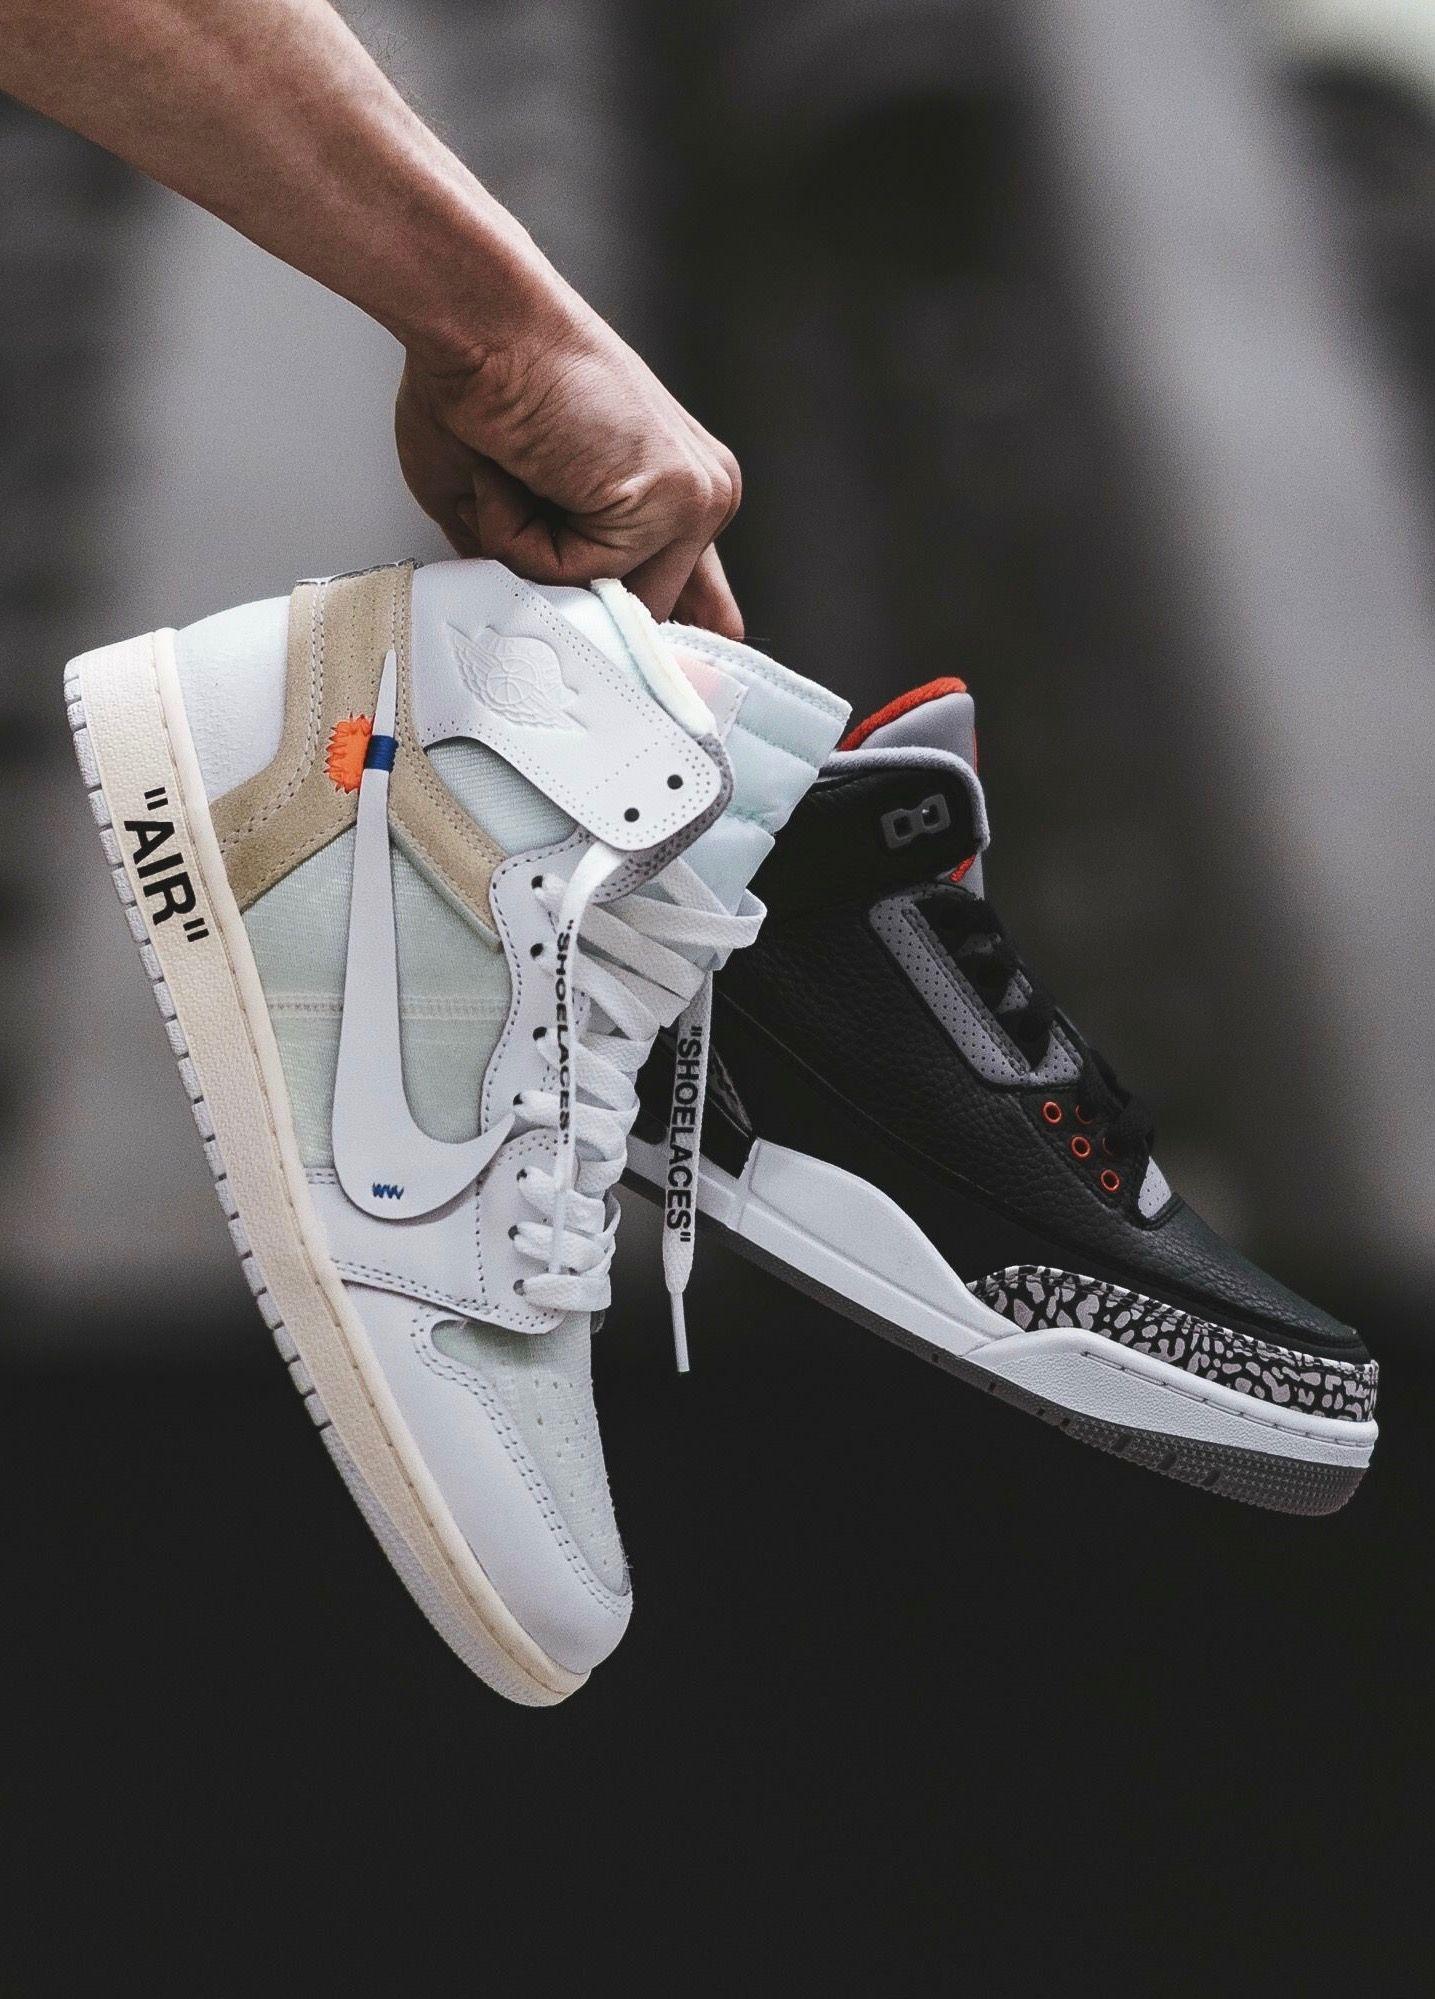 sports shoes faf8b deb46 Jordan Salopette, Chaussure, Toile, Coiffure, Nouvelles Baskets, Baskets  Nike, Chaussures